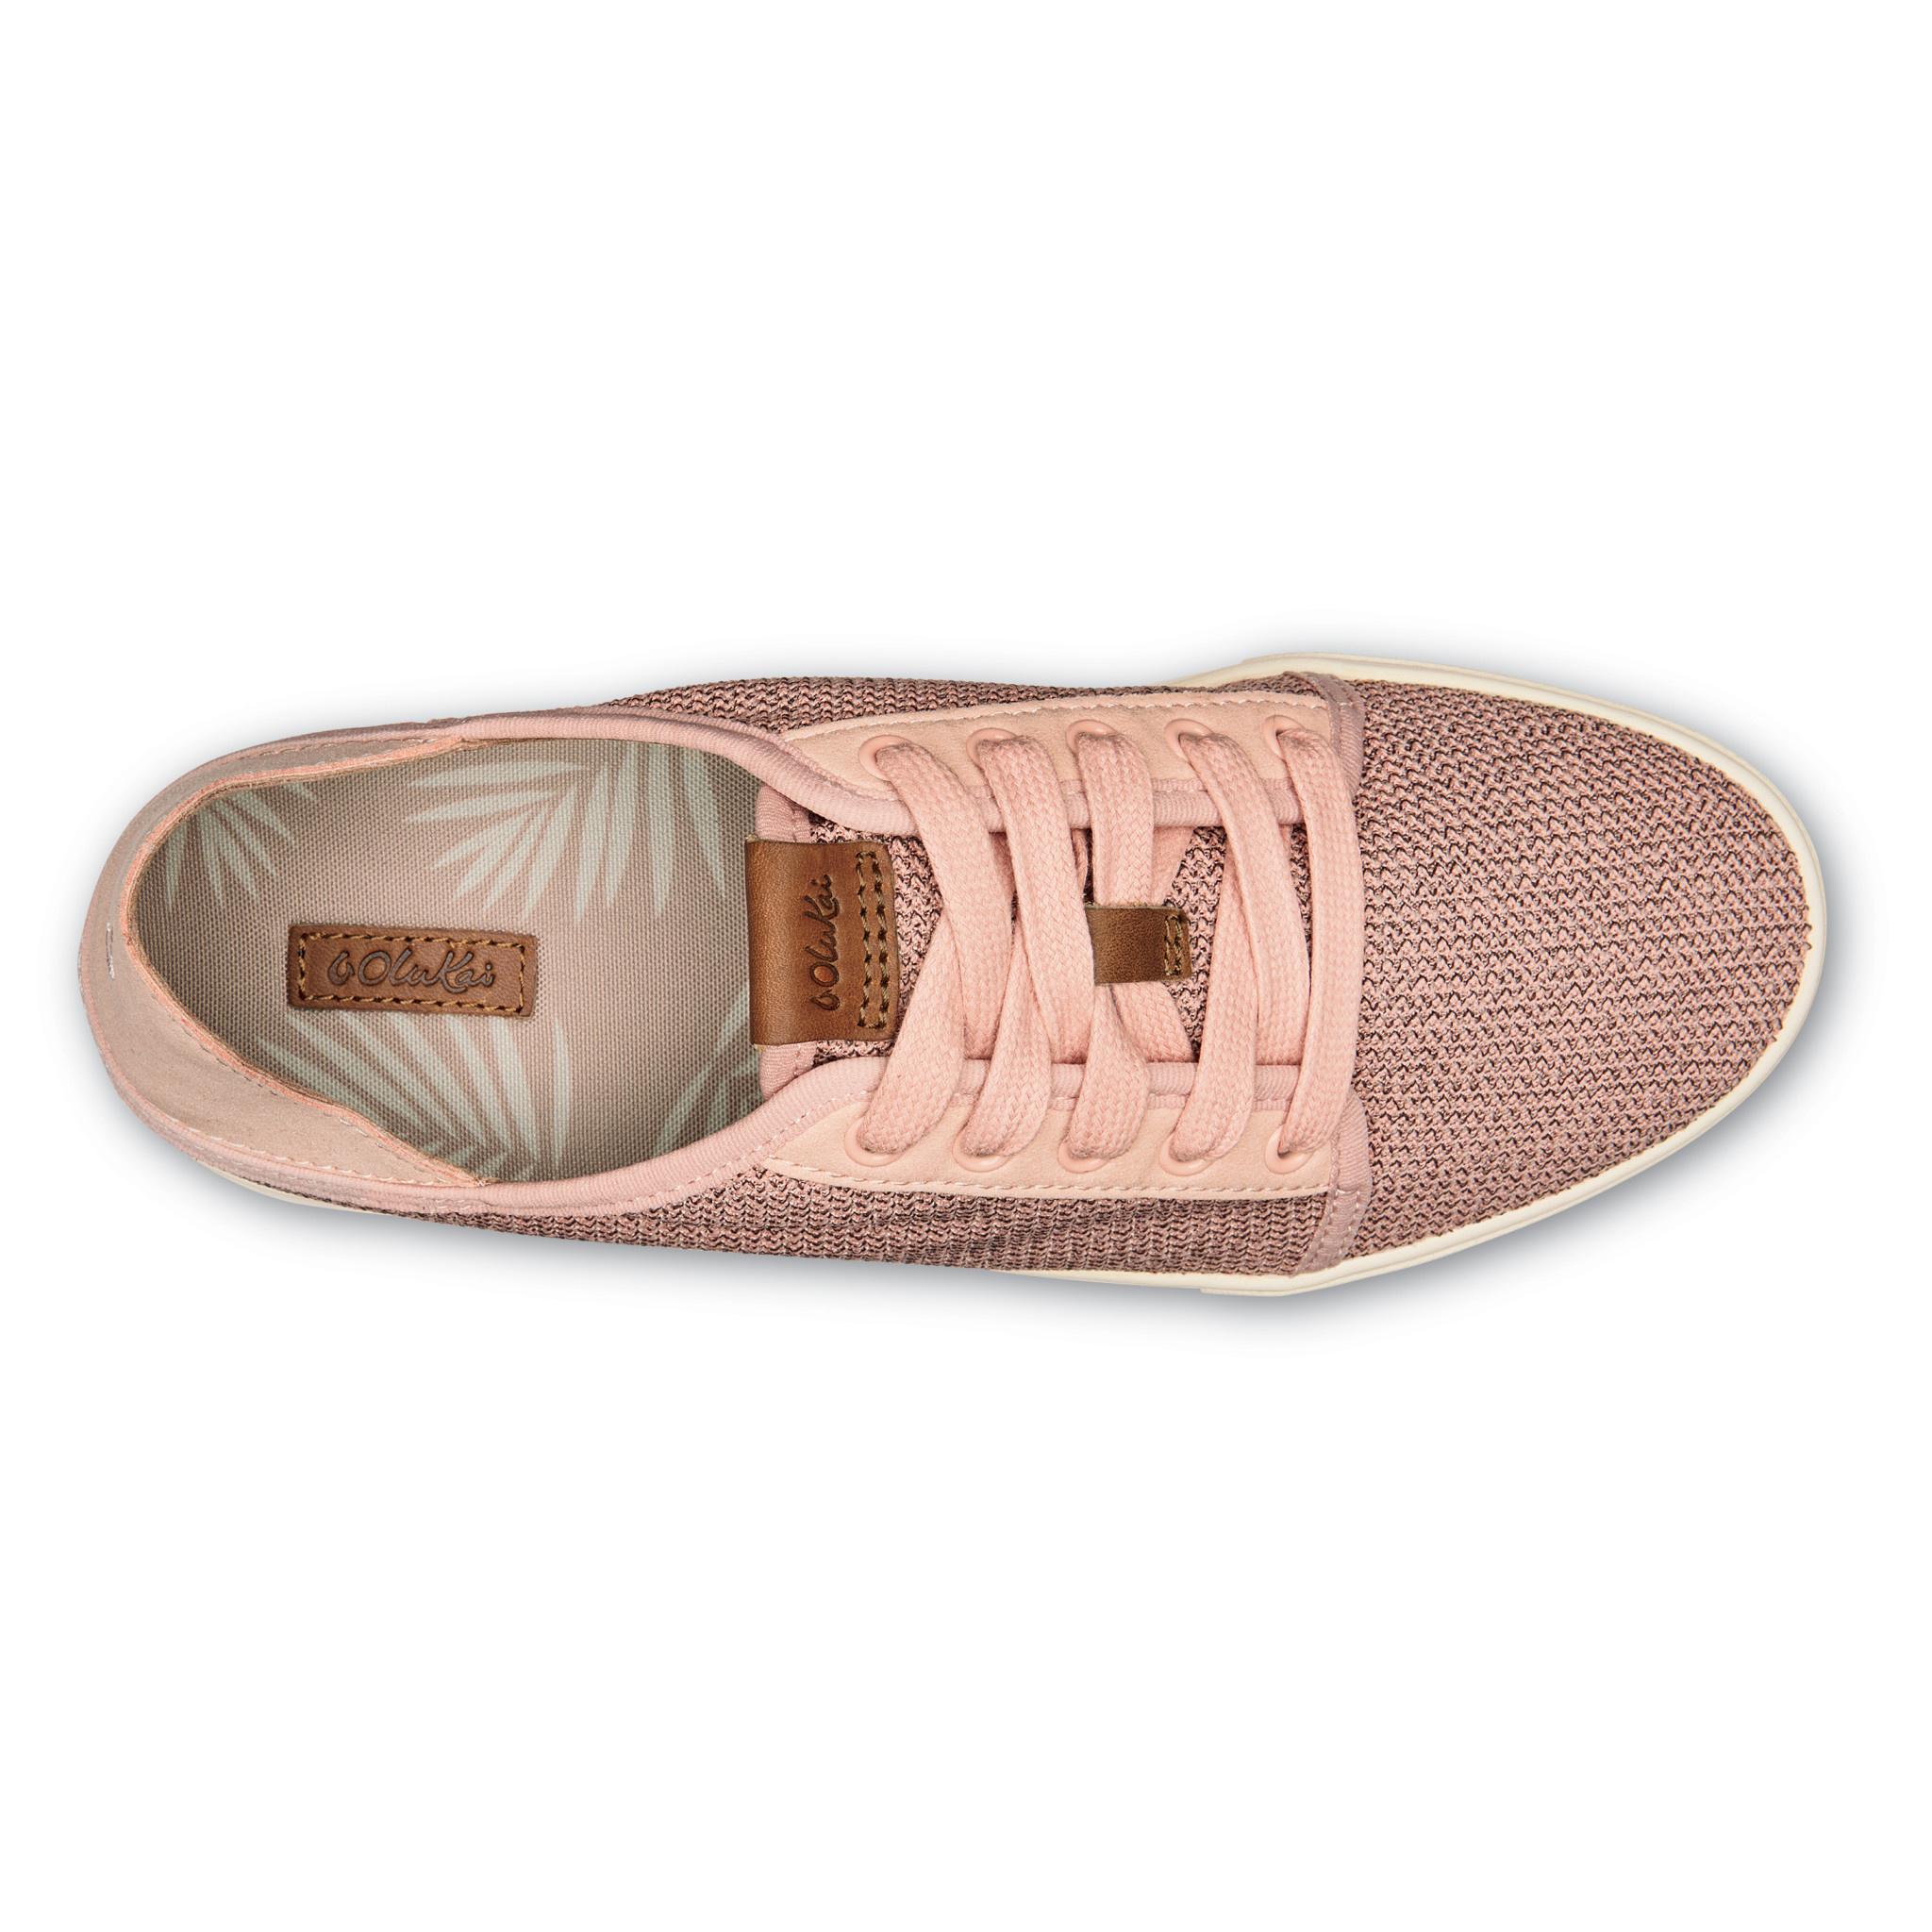 Olukai Olukai Pehuea Li - Dusty Pink/Dusty Pink